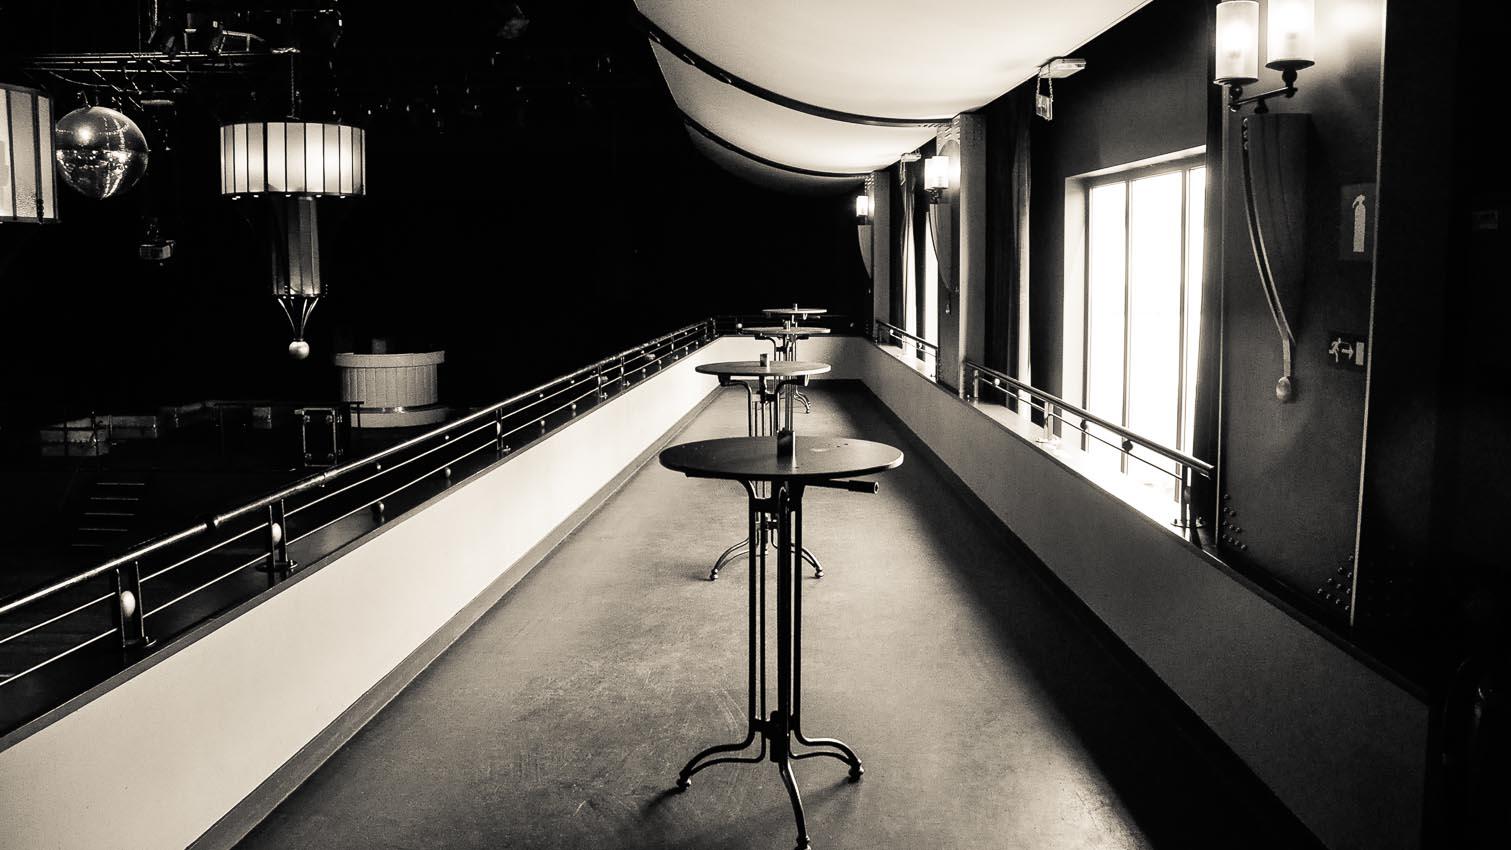 28-cafe-bar-resto-nightclub-decors-film-cinema-photo-belgium-bruxelles